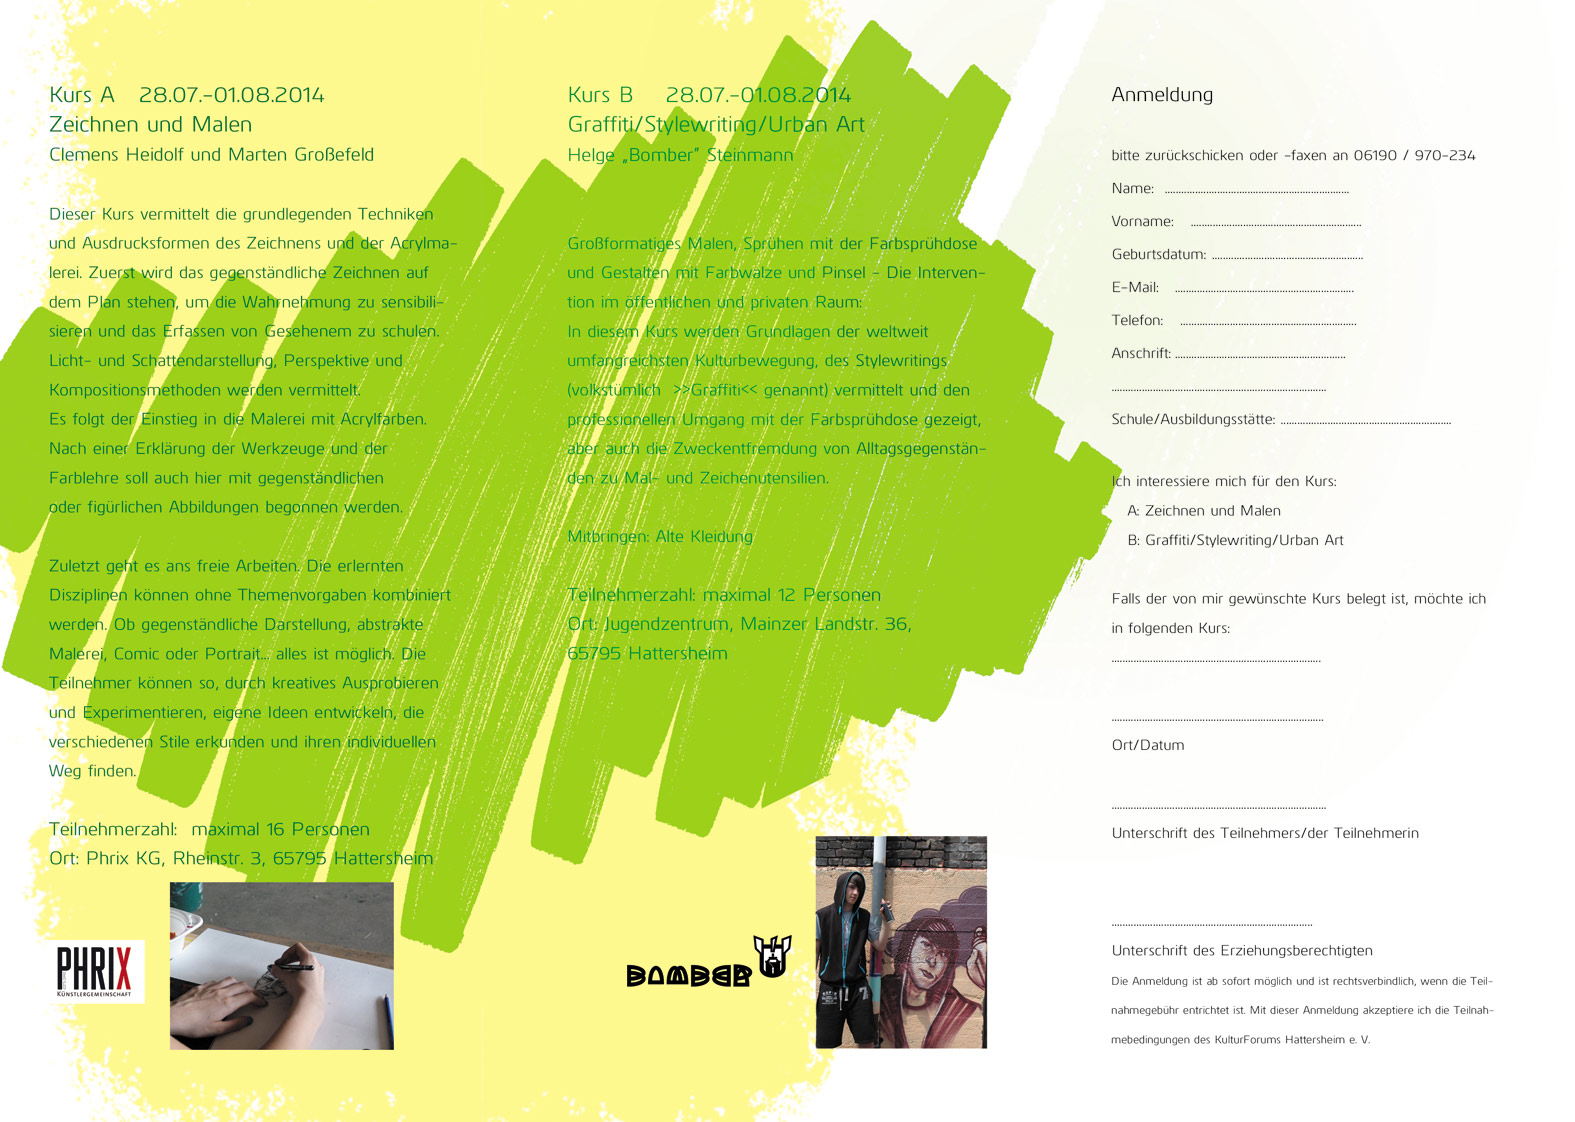 jkw-2014-flyer